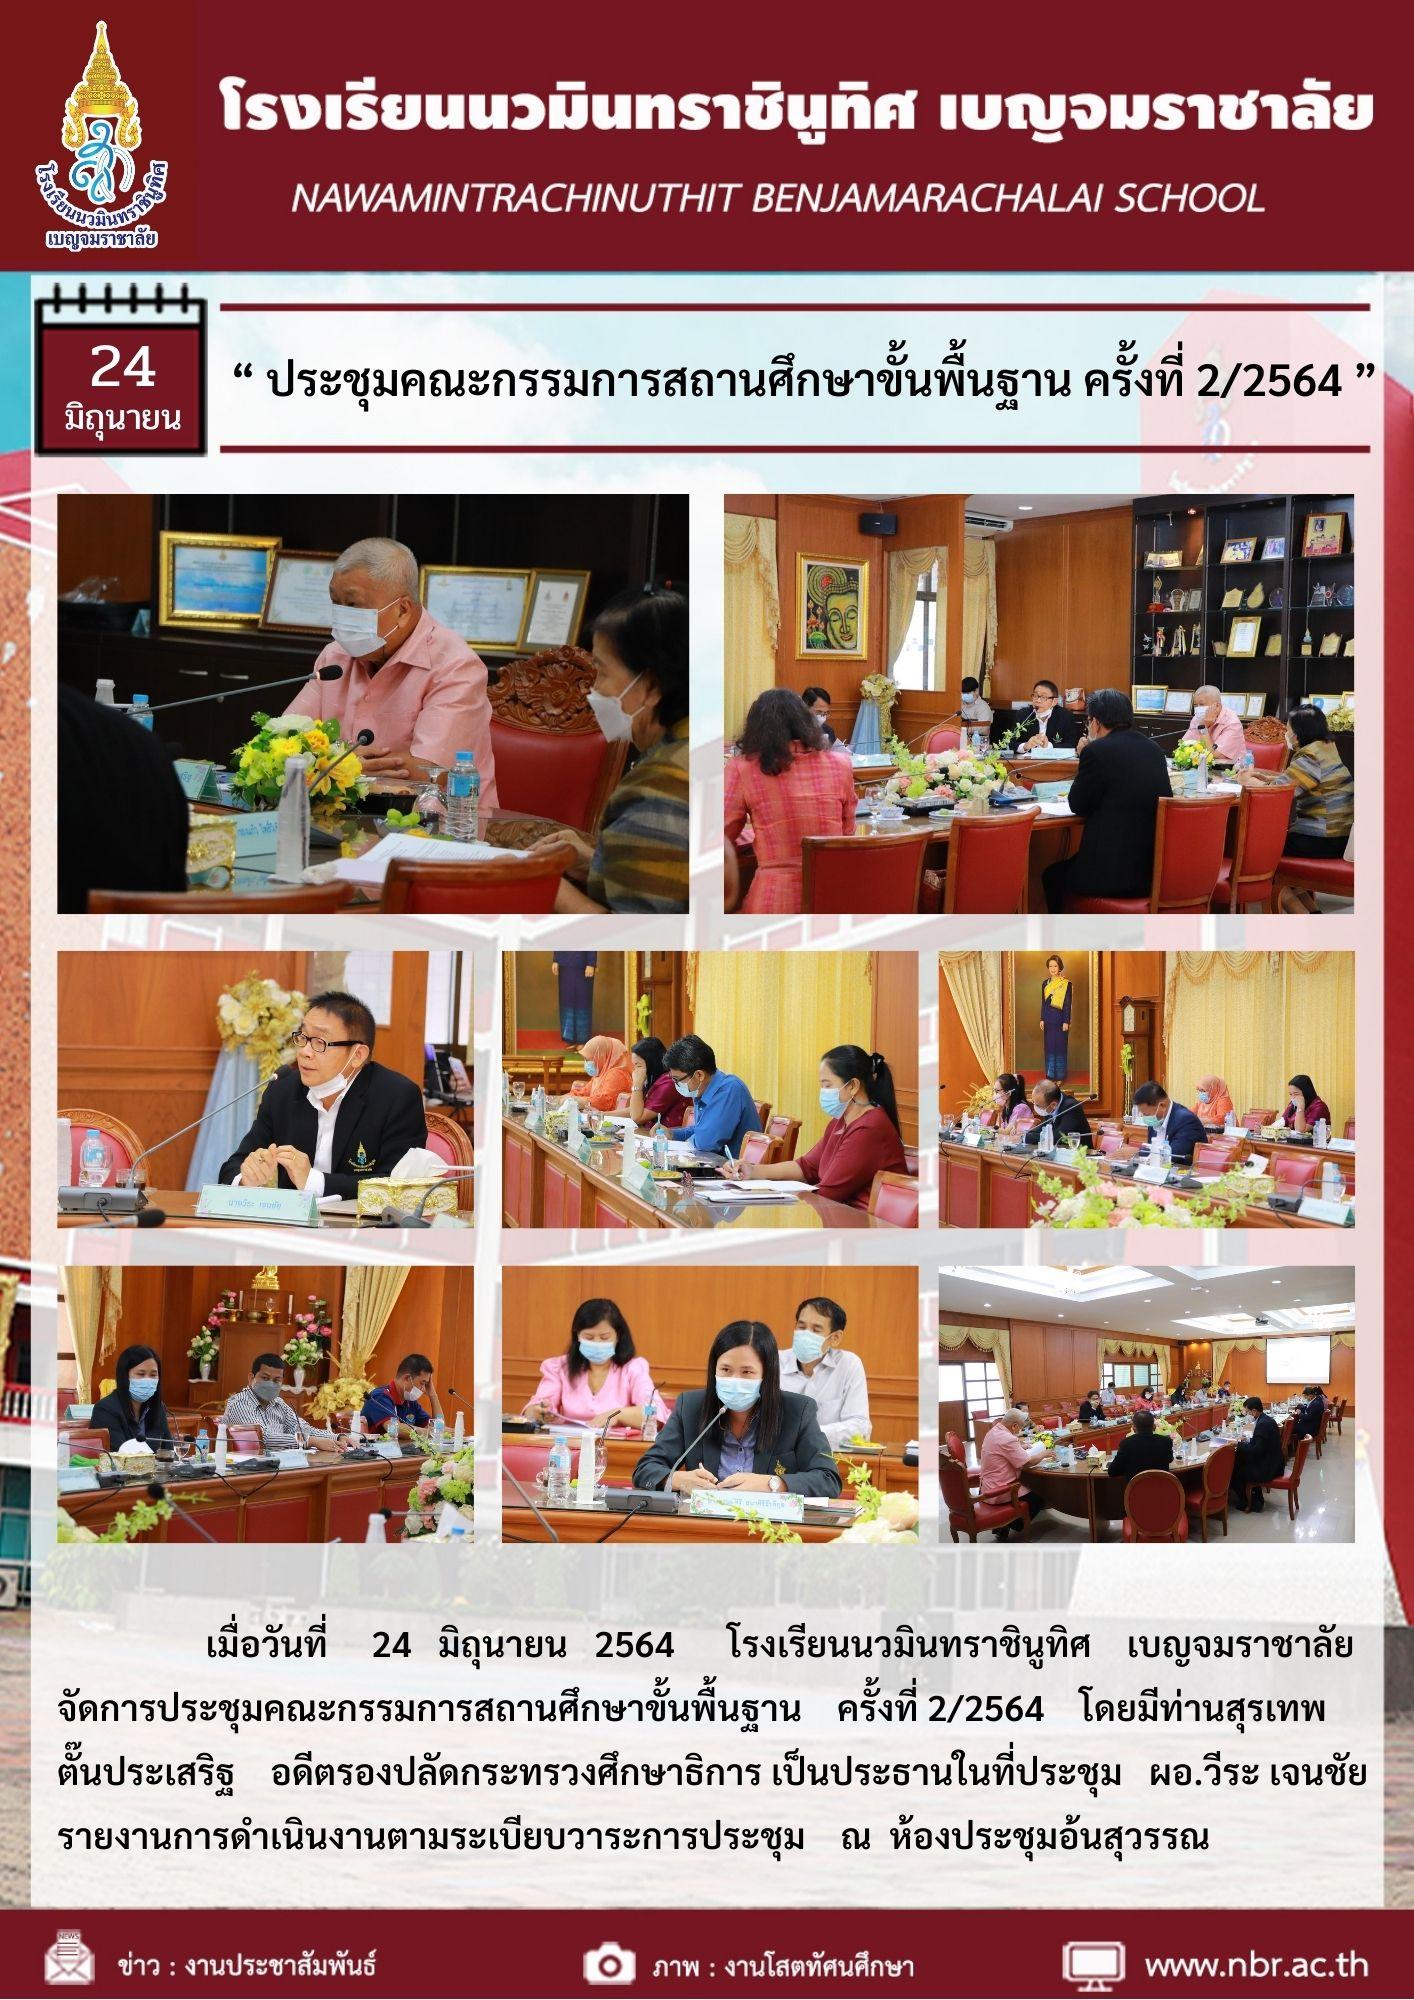 ประชุมคณะกรรมการสถานศึกษาขั้นพื้นฐาน ครั้งที่ 2/2564